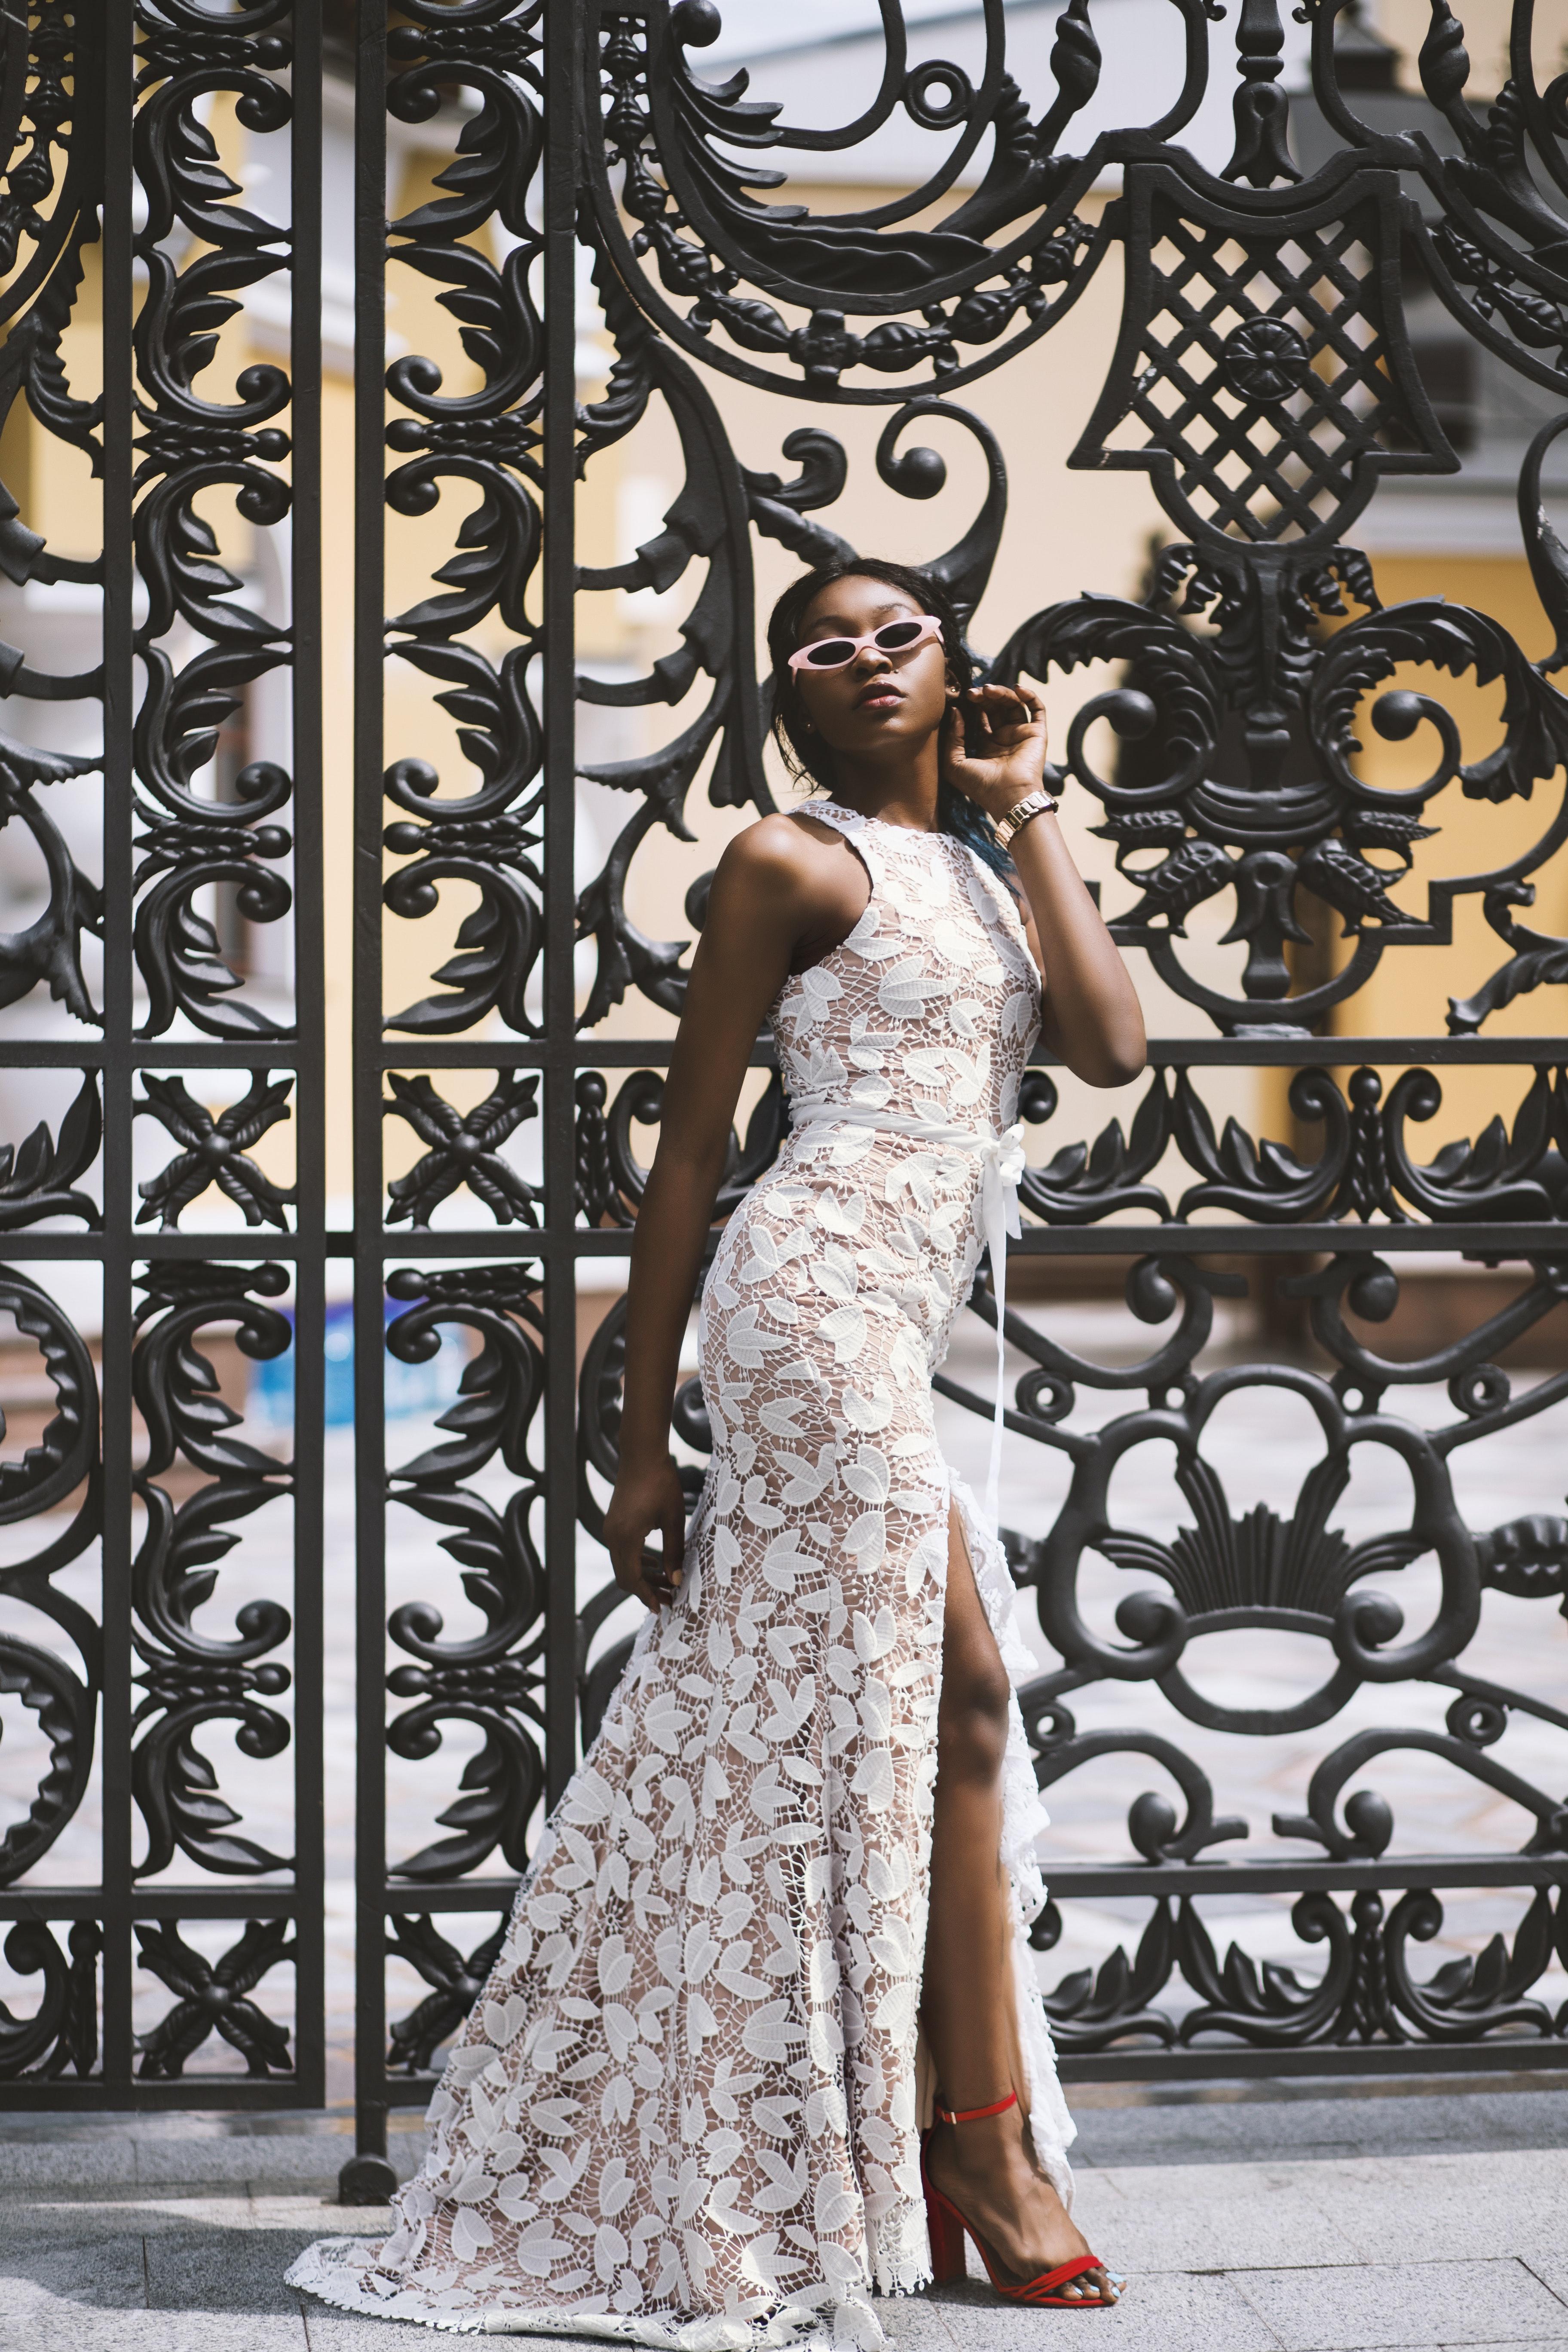 2cf9d0b597def dospelý umenie umelecký krásny svadobné dizajn šaty elegantný móda  kvetinové šaty dievča Model ozdobený vzor človek